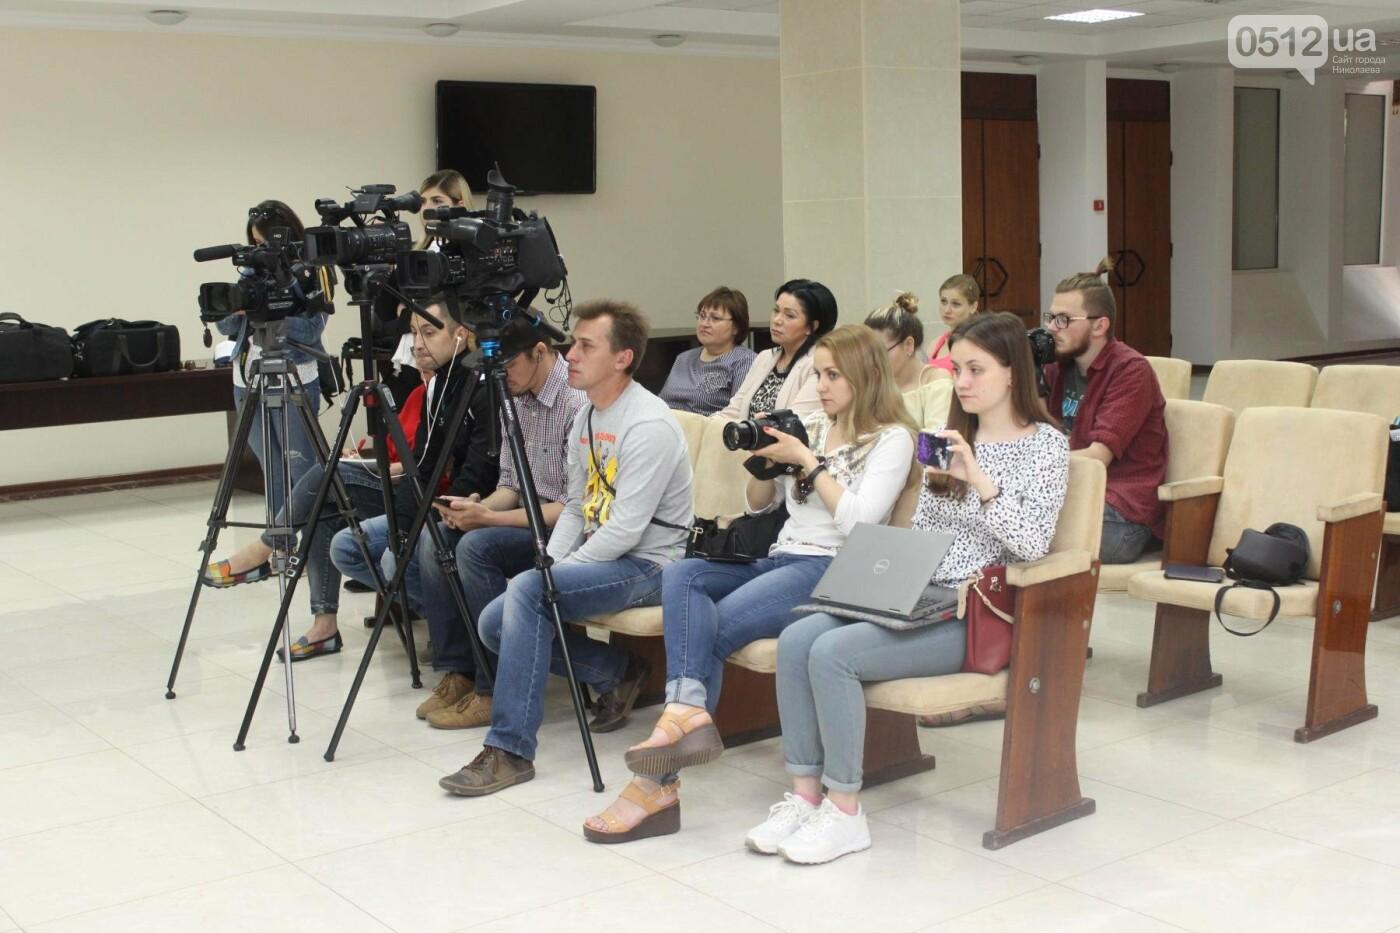 Гости из всей Европы и около 20 тысяч участников: как на Николаевщине планируют фестиваль воздушных змеев, - ФОТО, фото-7